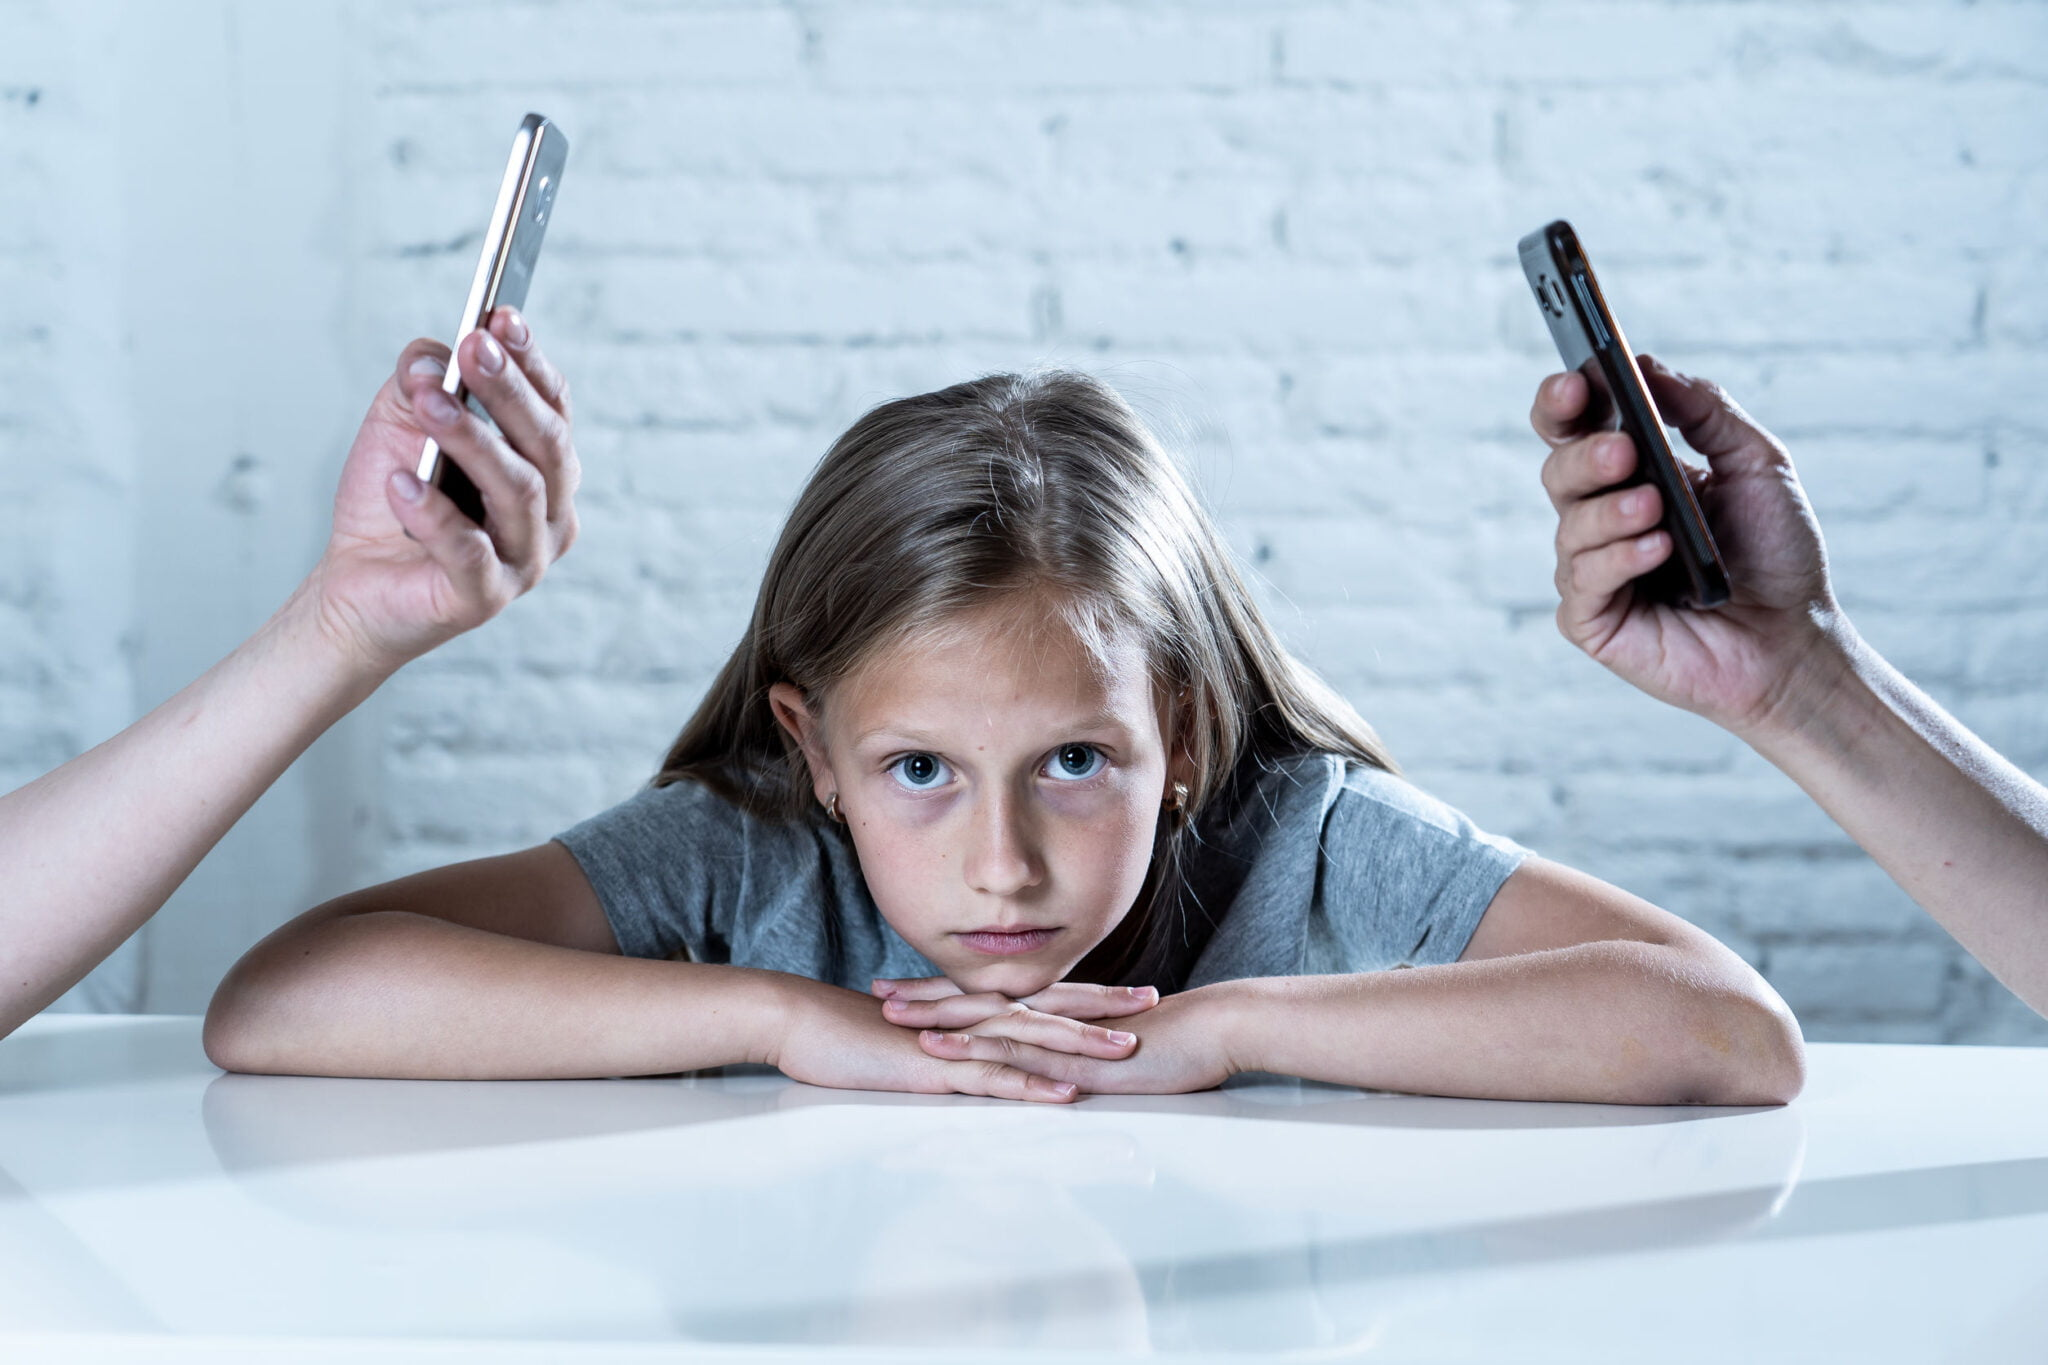 Eenzaamheid; tips wat te doen ook bij kinderen en pubers - Mamaliefde.nl